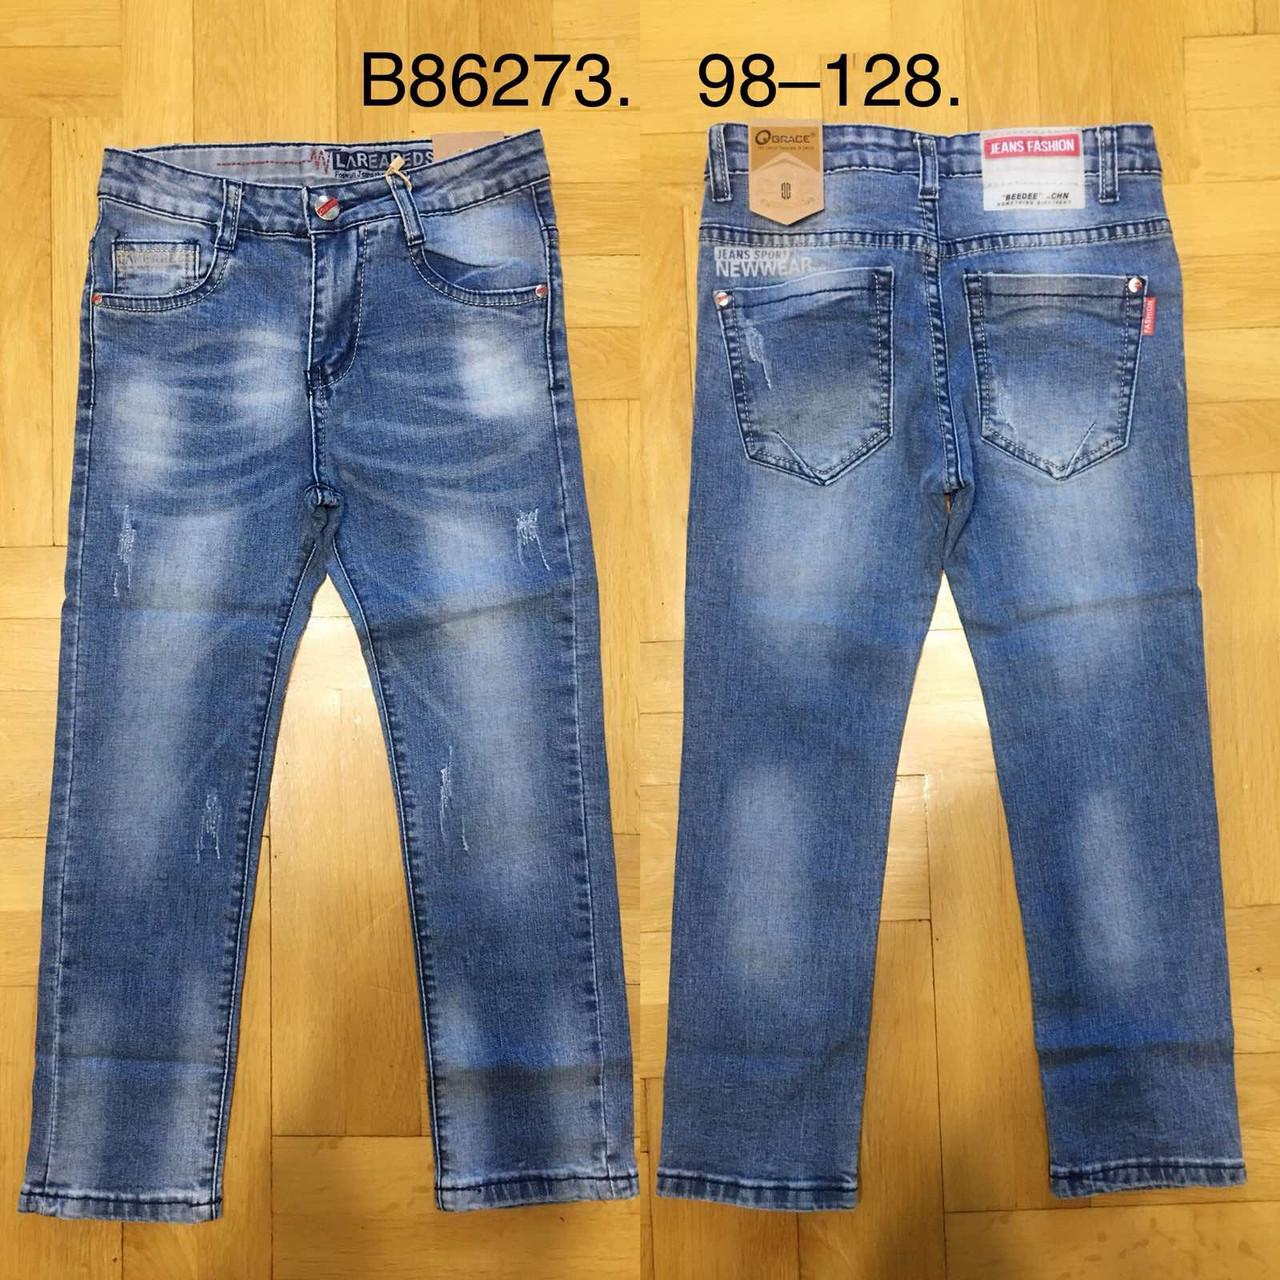 Джинсовые брюки для мальчиков Grace, 98-128 pp. Артикул: B86273